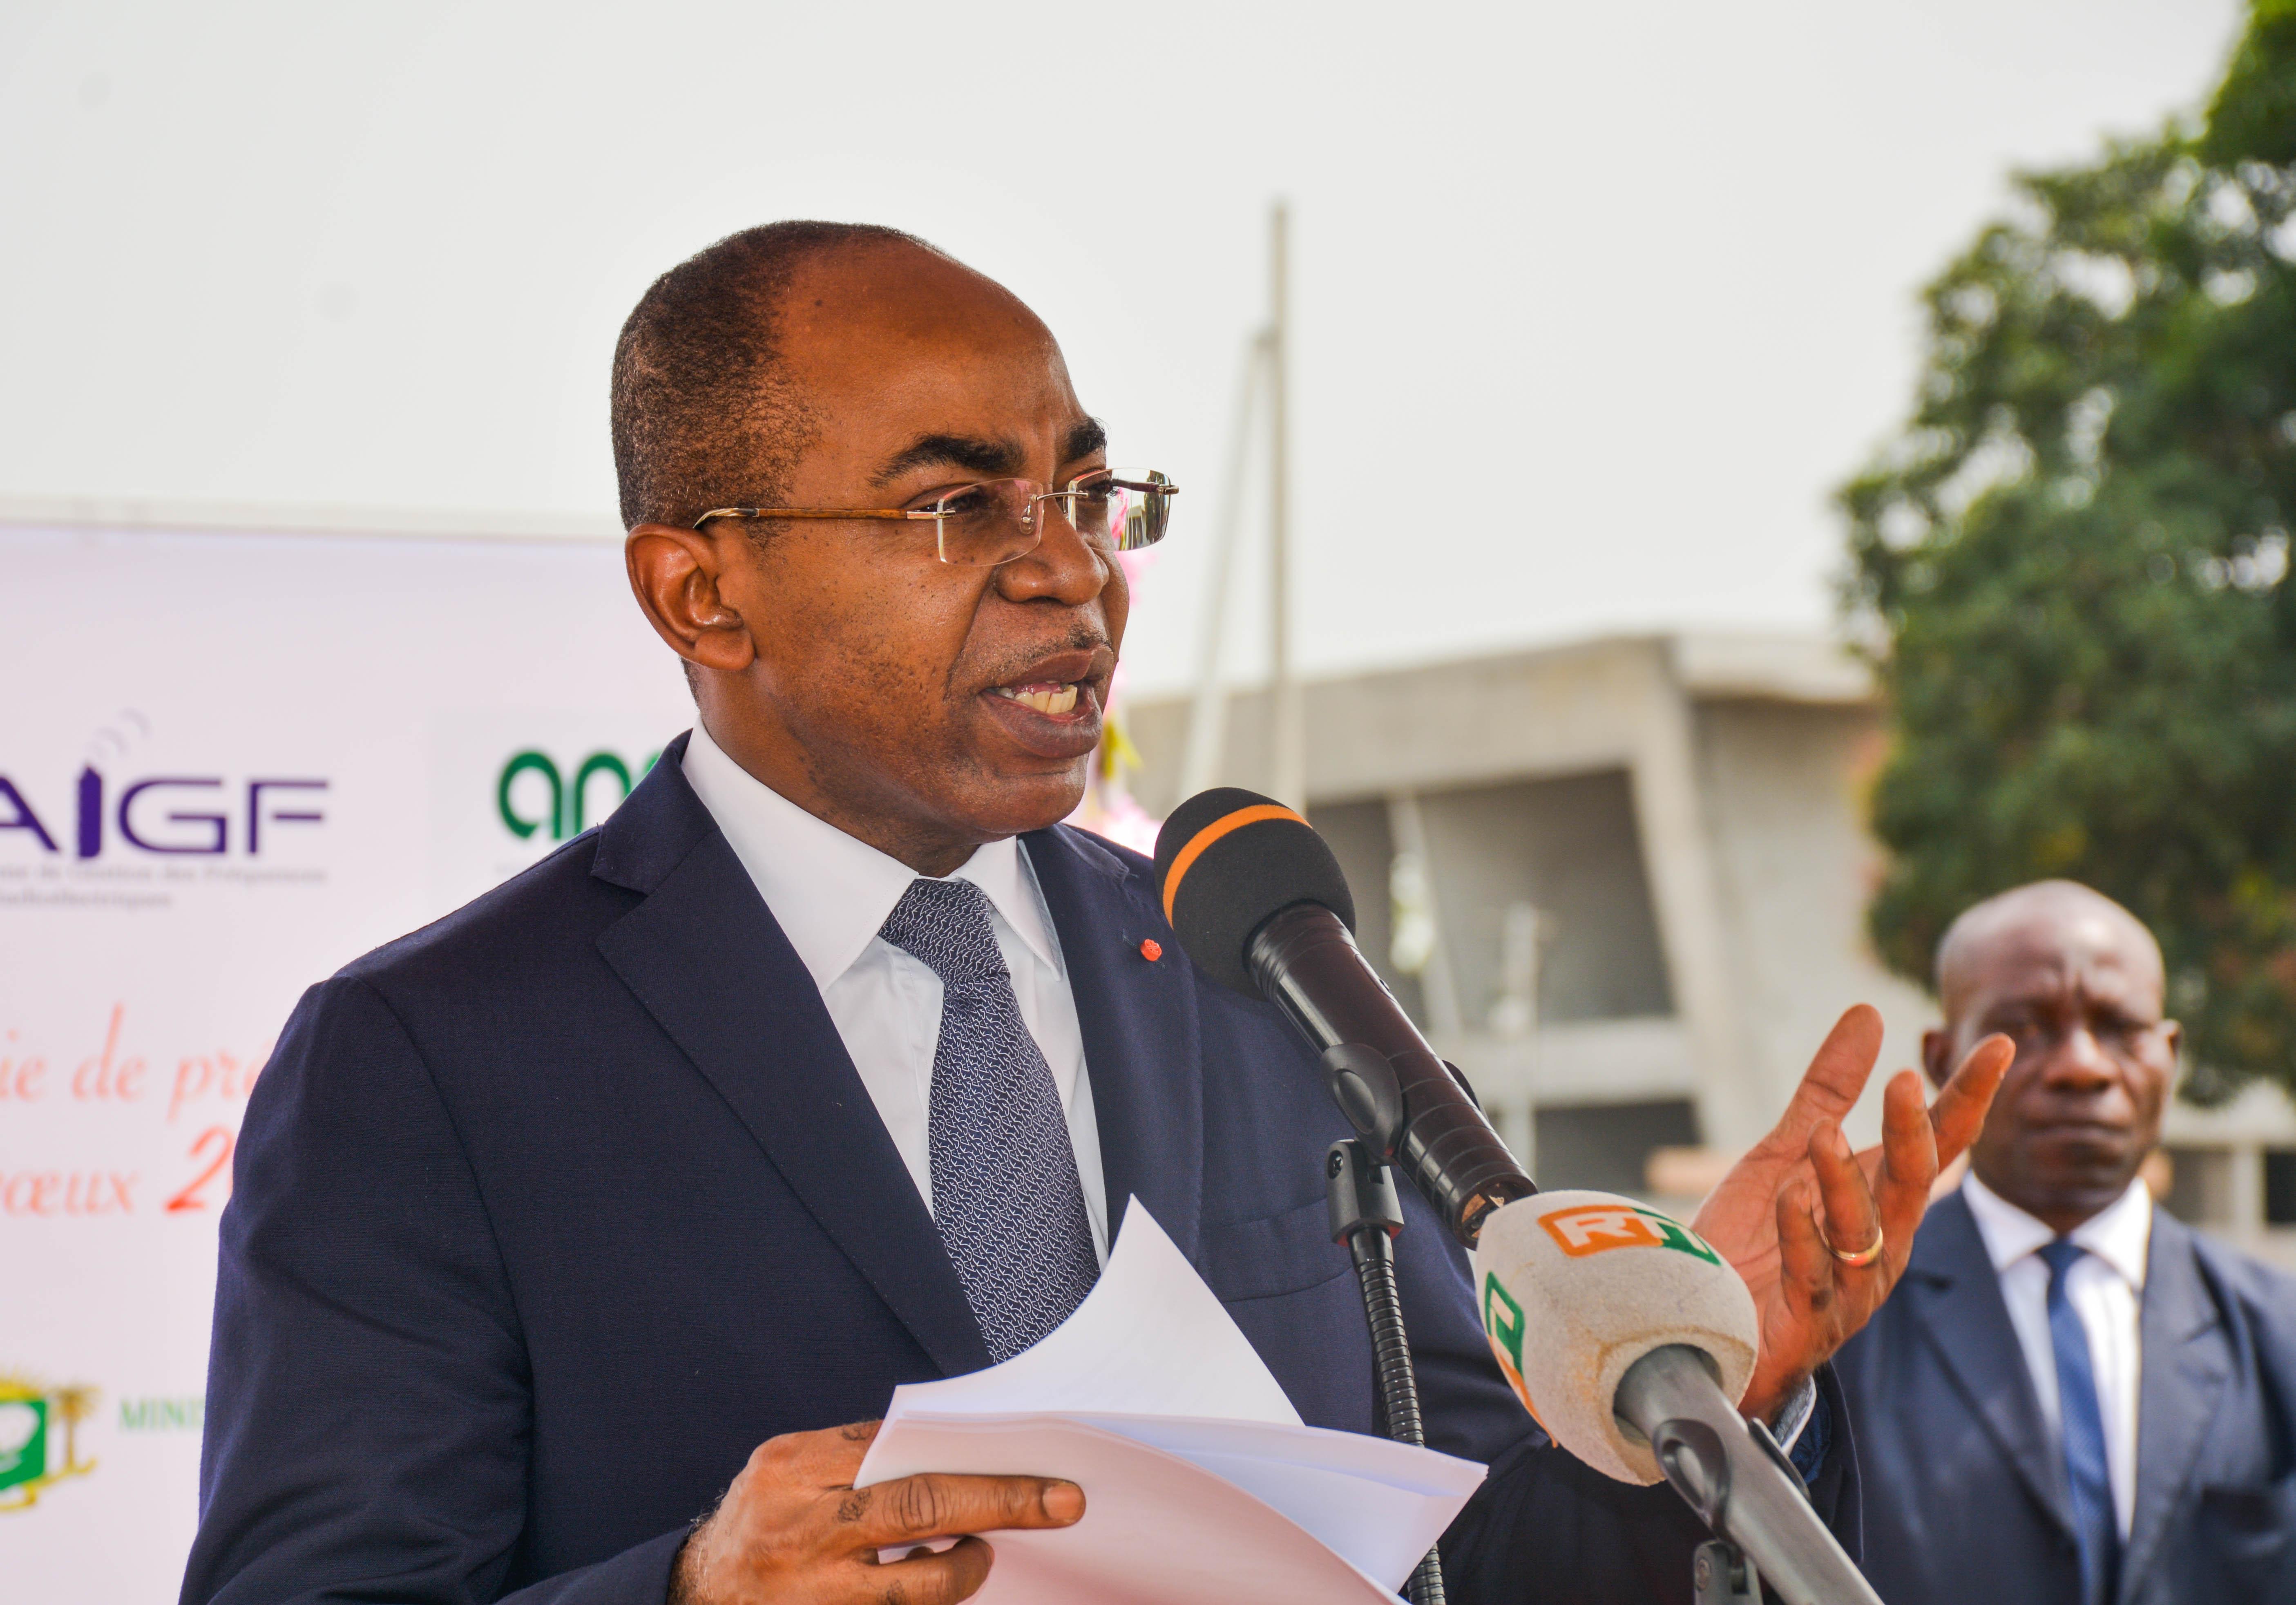 Le Ministre Claude Isaac DE salue la franche collaboration et l'esprit d'équipe de ses collaborateurs